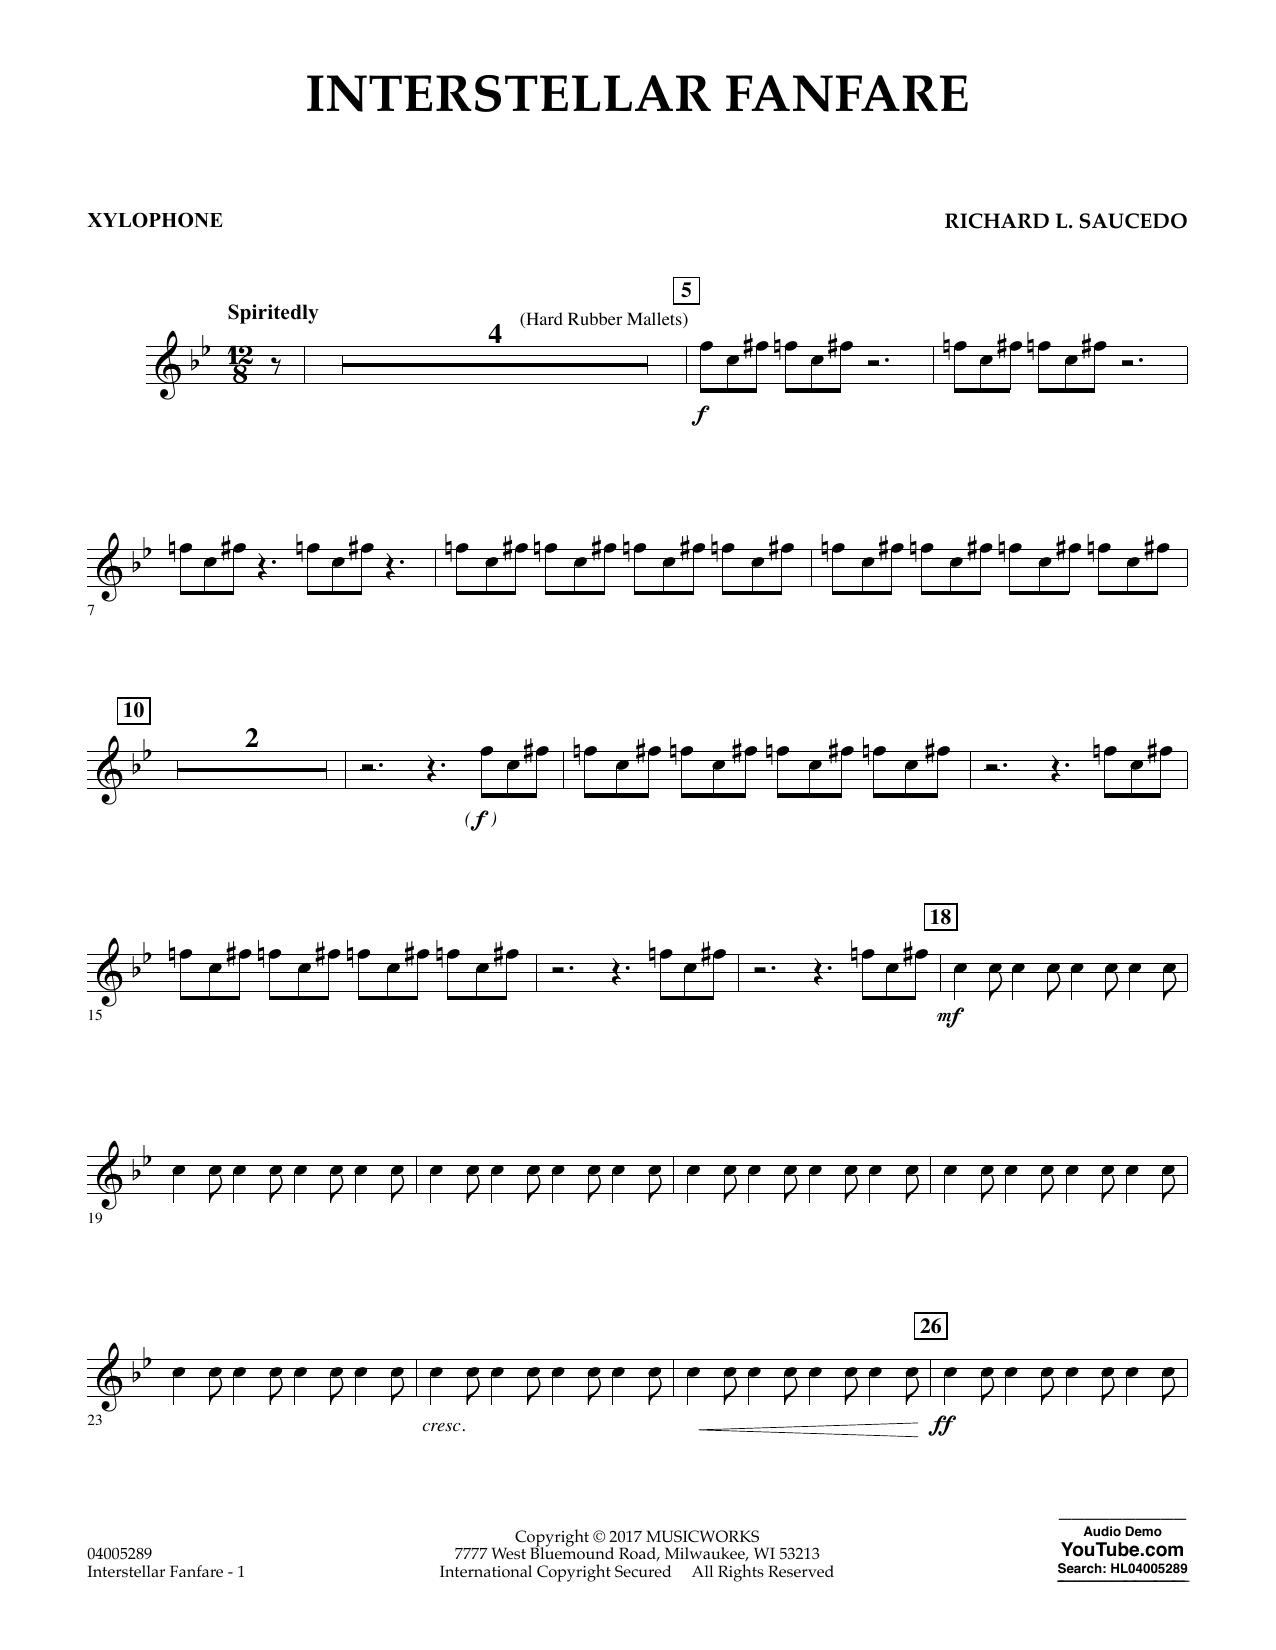 Richard L. Saucedo Interstellar Fanfare - Xylophone sheet music notes printable PDF score